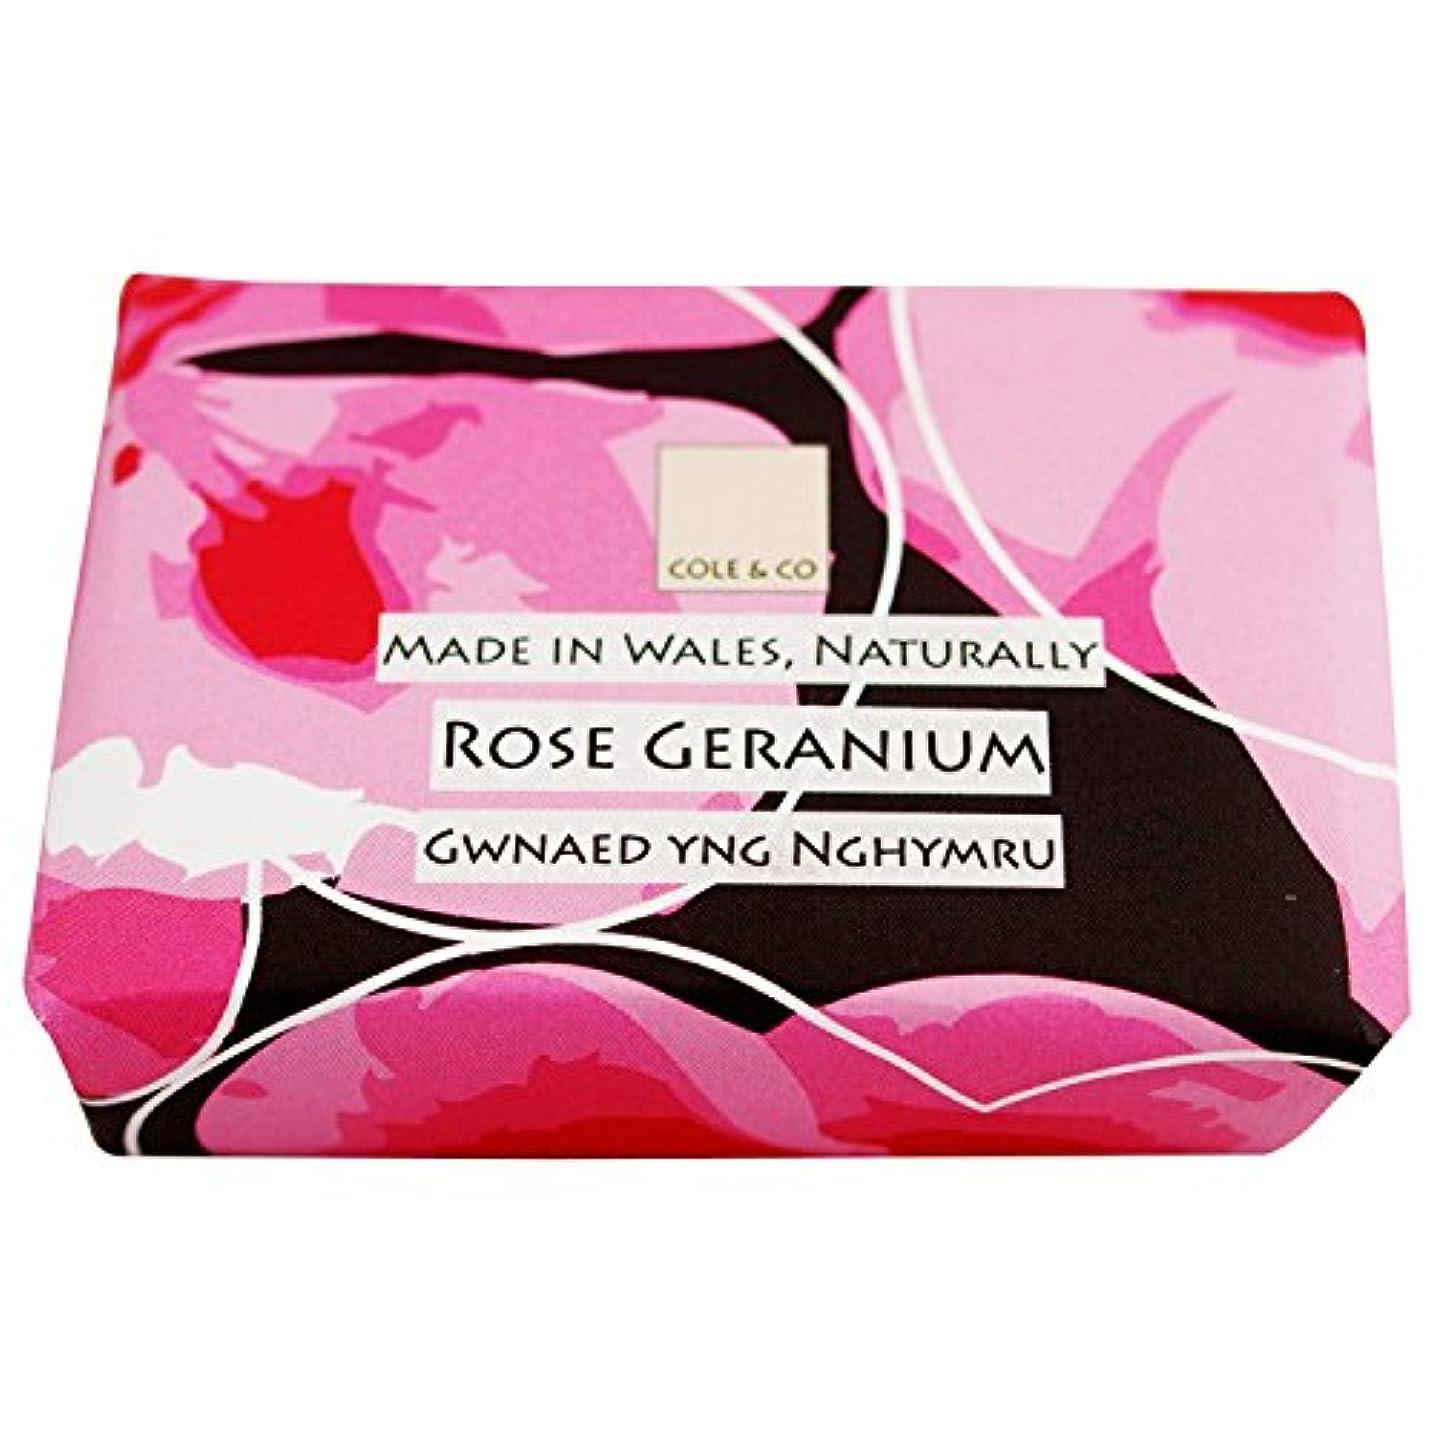 効能ドリンク入力コール&Coはゼラニウム石鹸80グラムのバラ (Cole & Co) - Cole & Co Rose Geranium Soap 80g [並行輸入品]